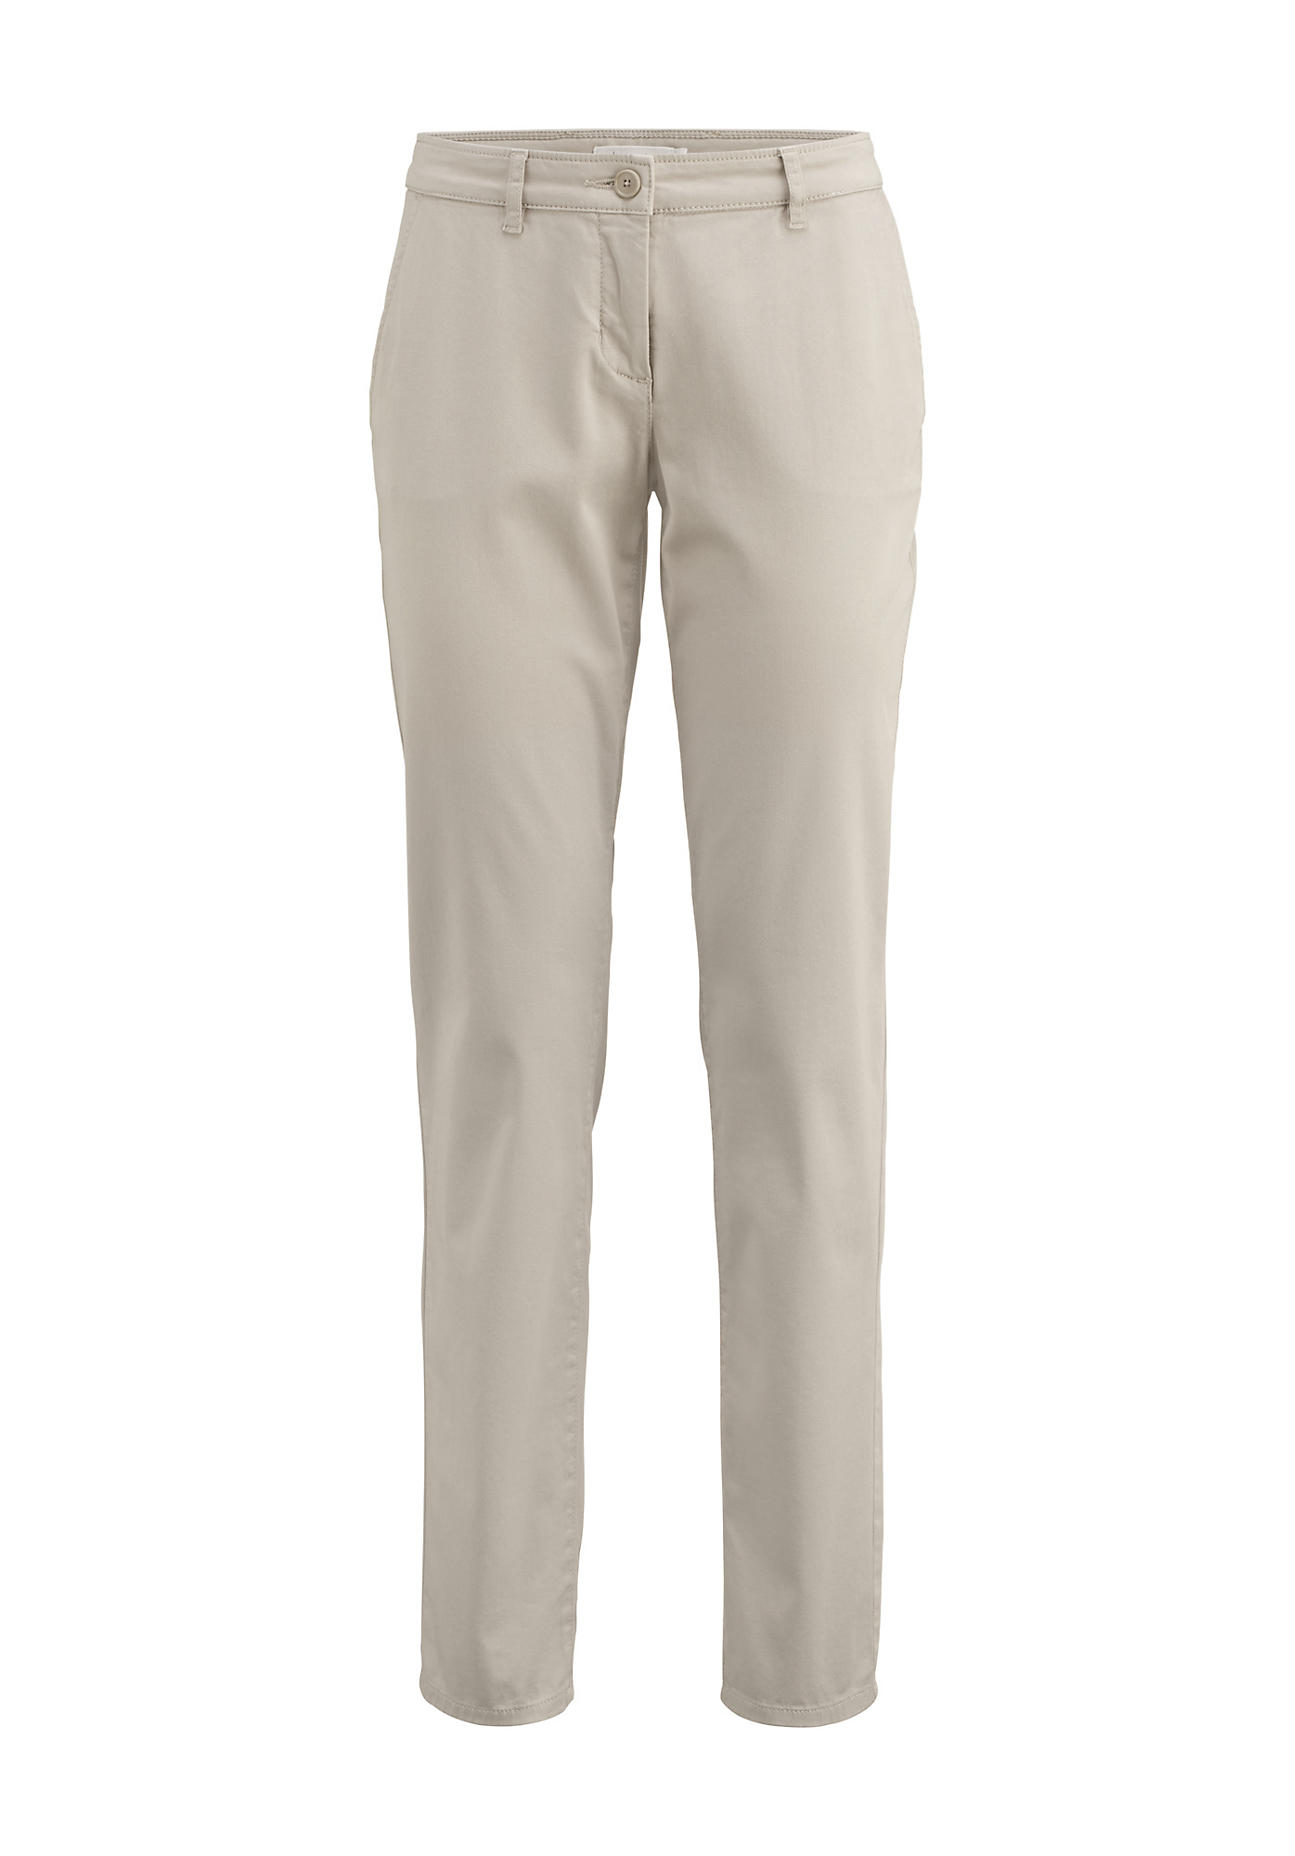 Hosen für Frauen - hessnatur Damen Chino aus Bio Baumwolle – beige –  - Onlineshop Hessnatur